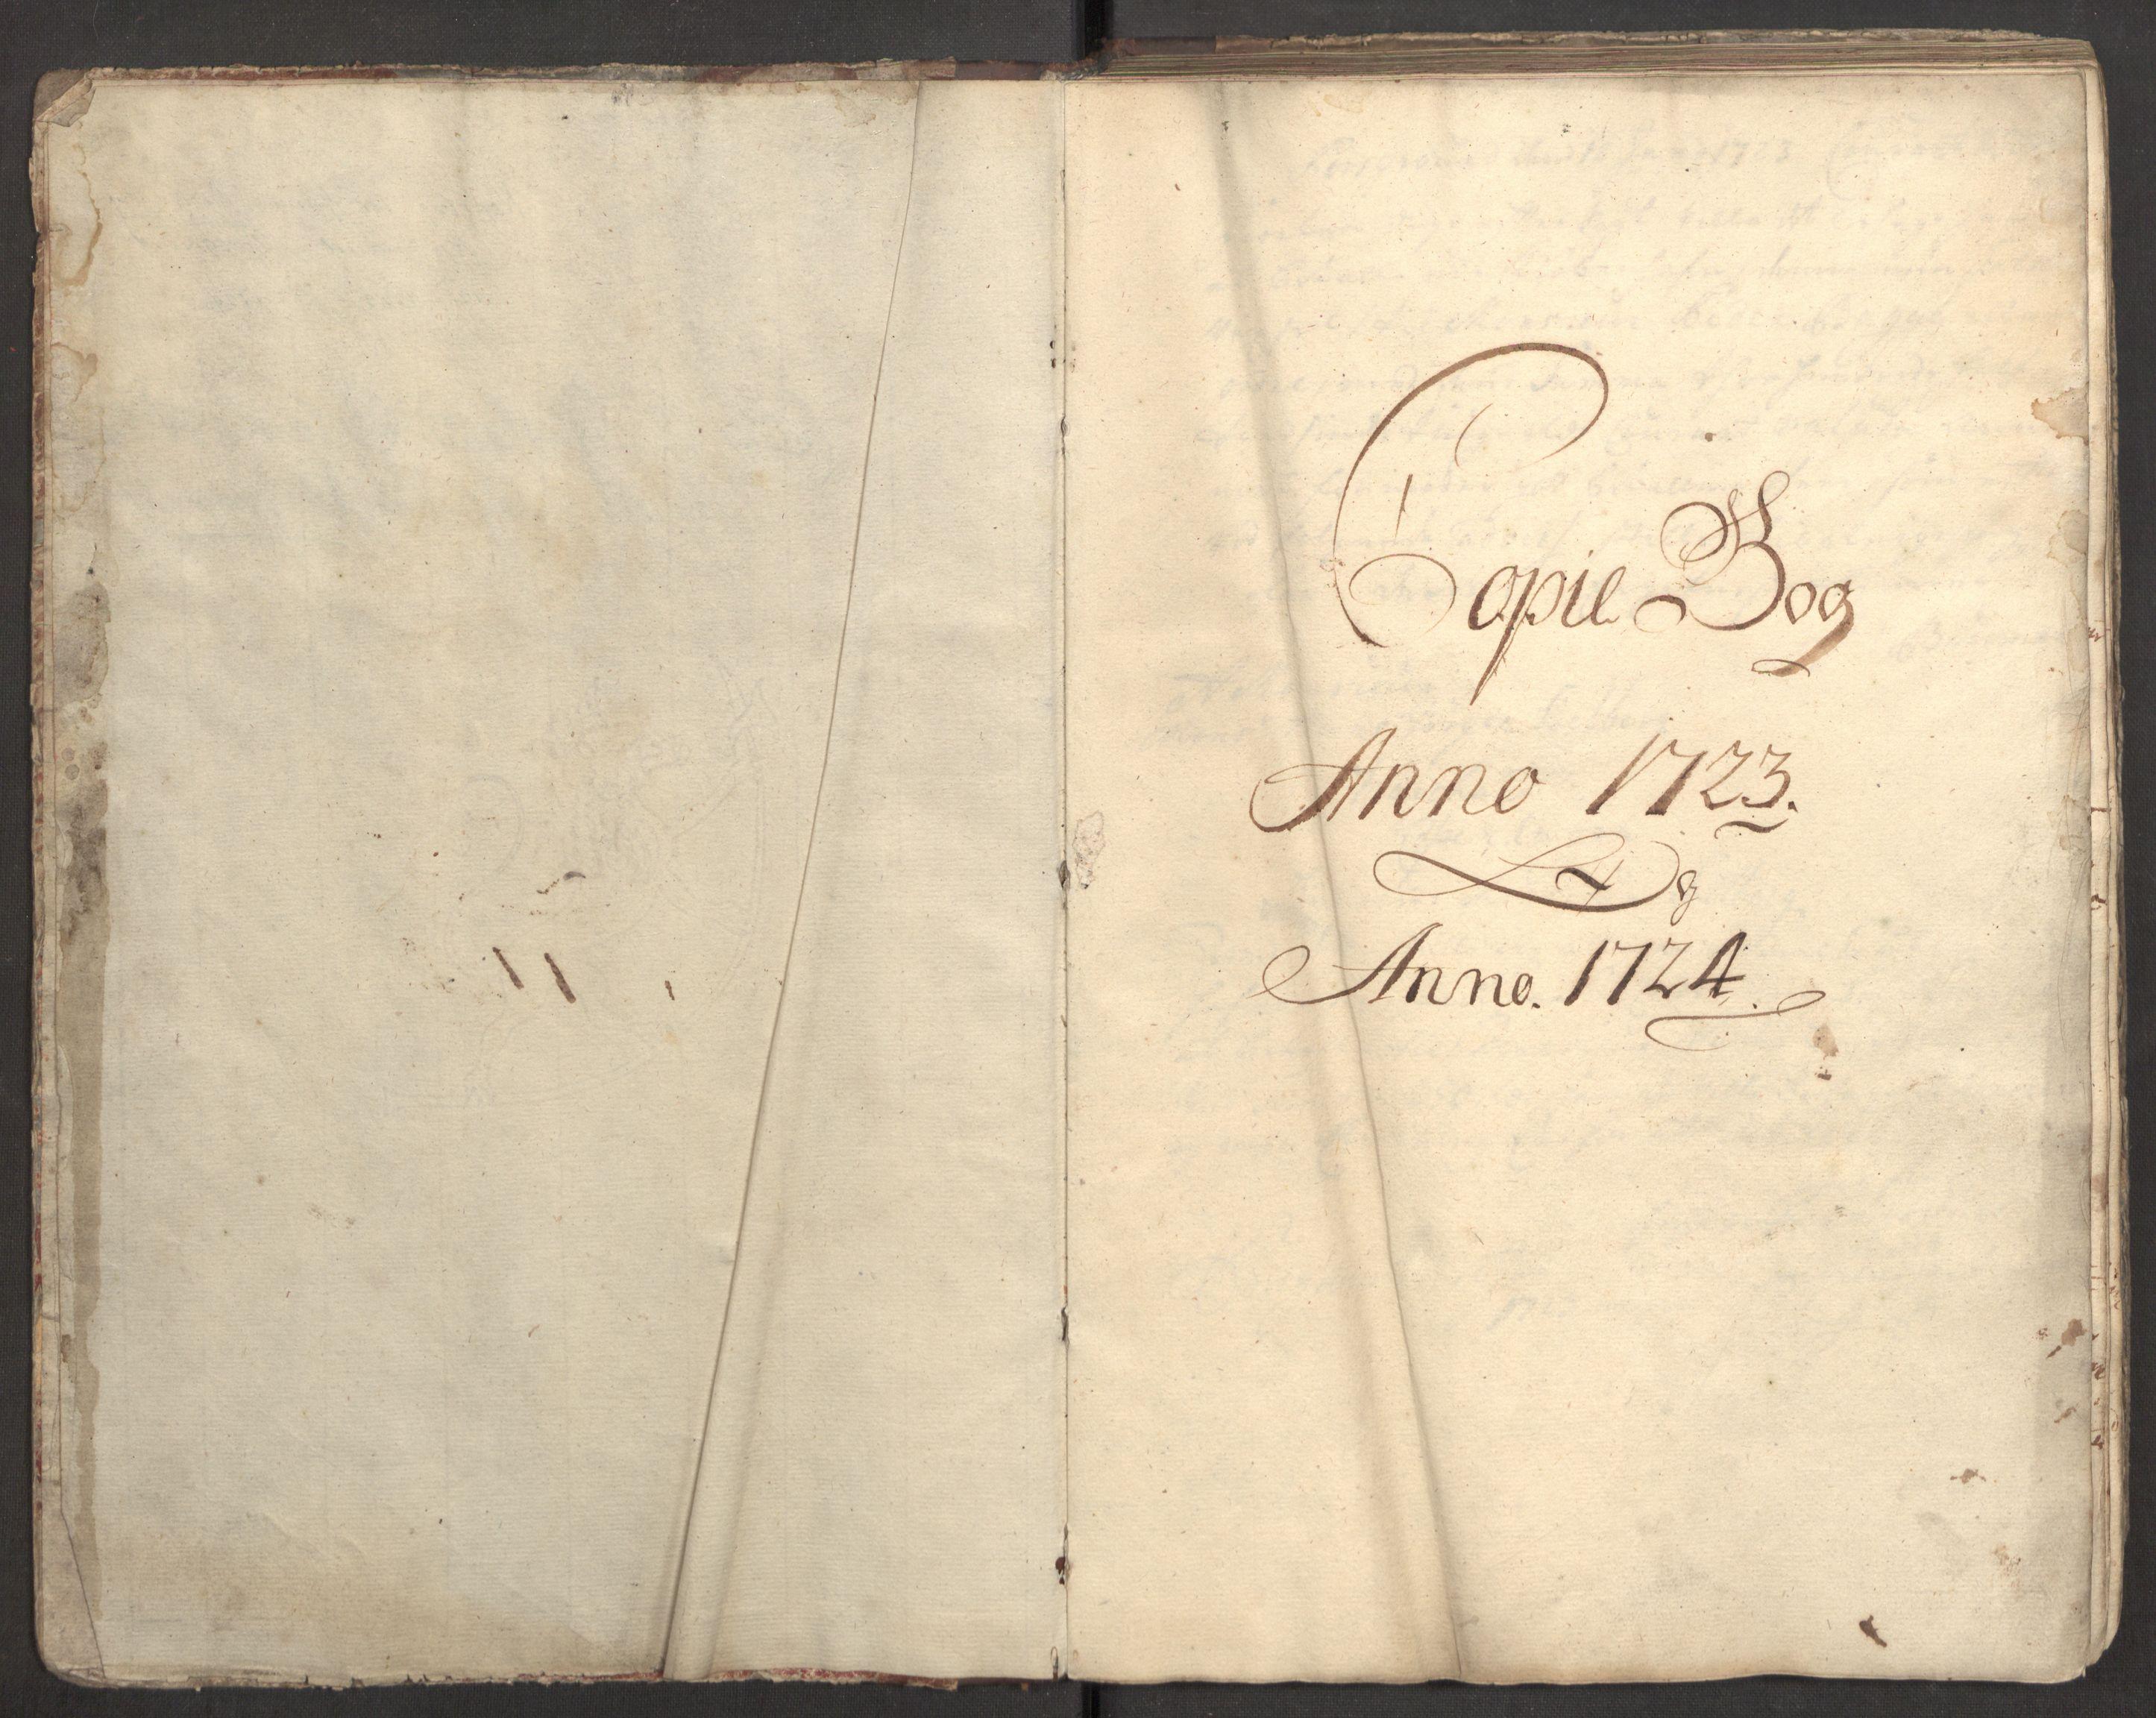 RA, Bowman, James, B/L0002, 1723-1724, s. 4